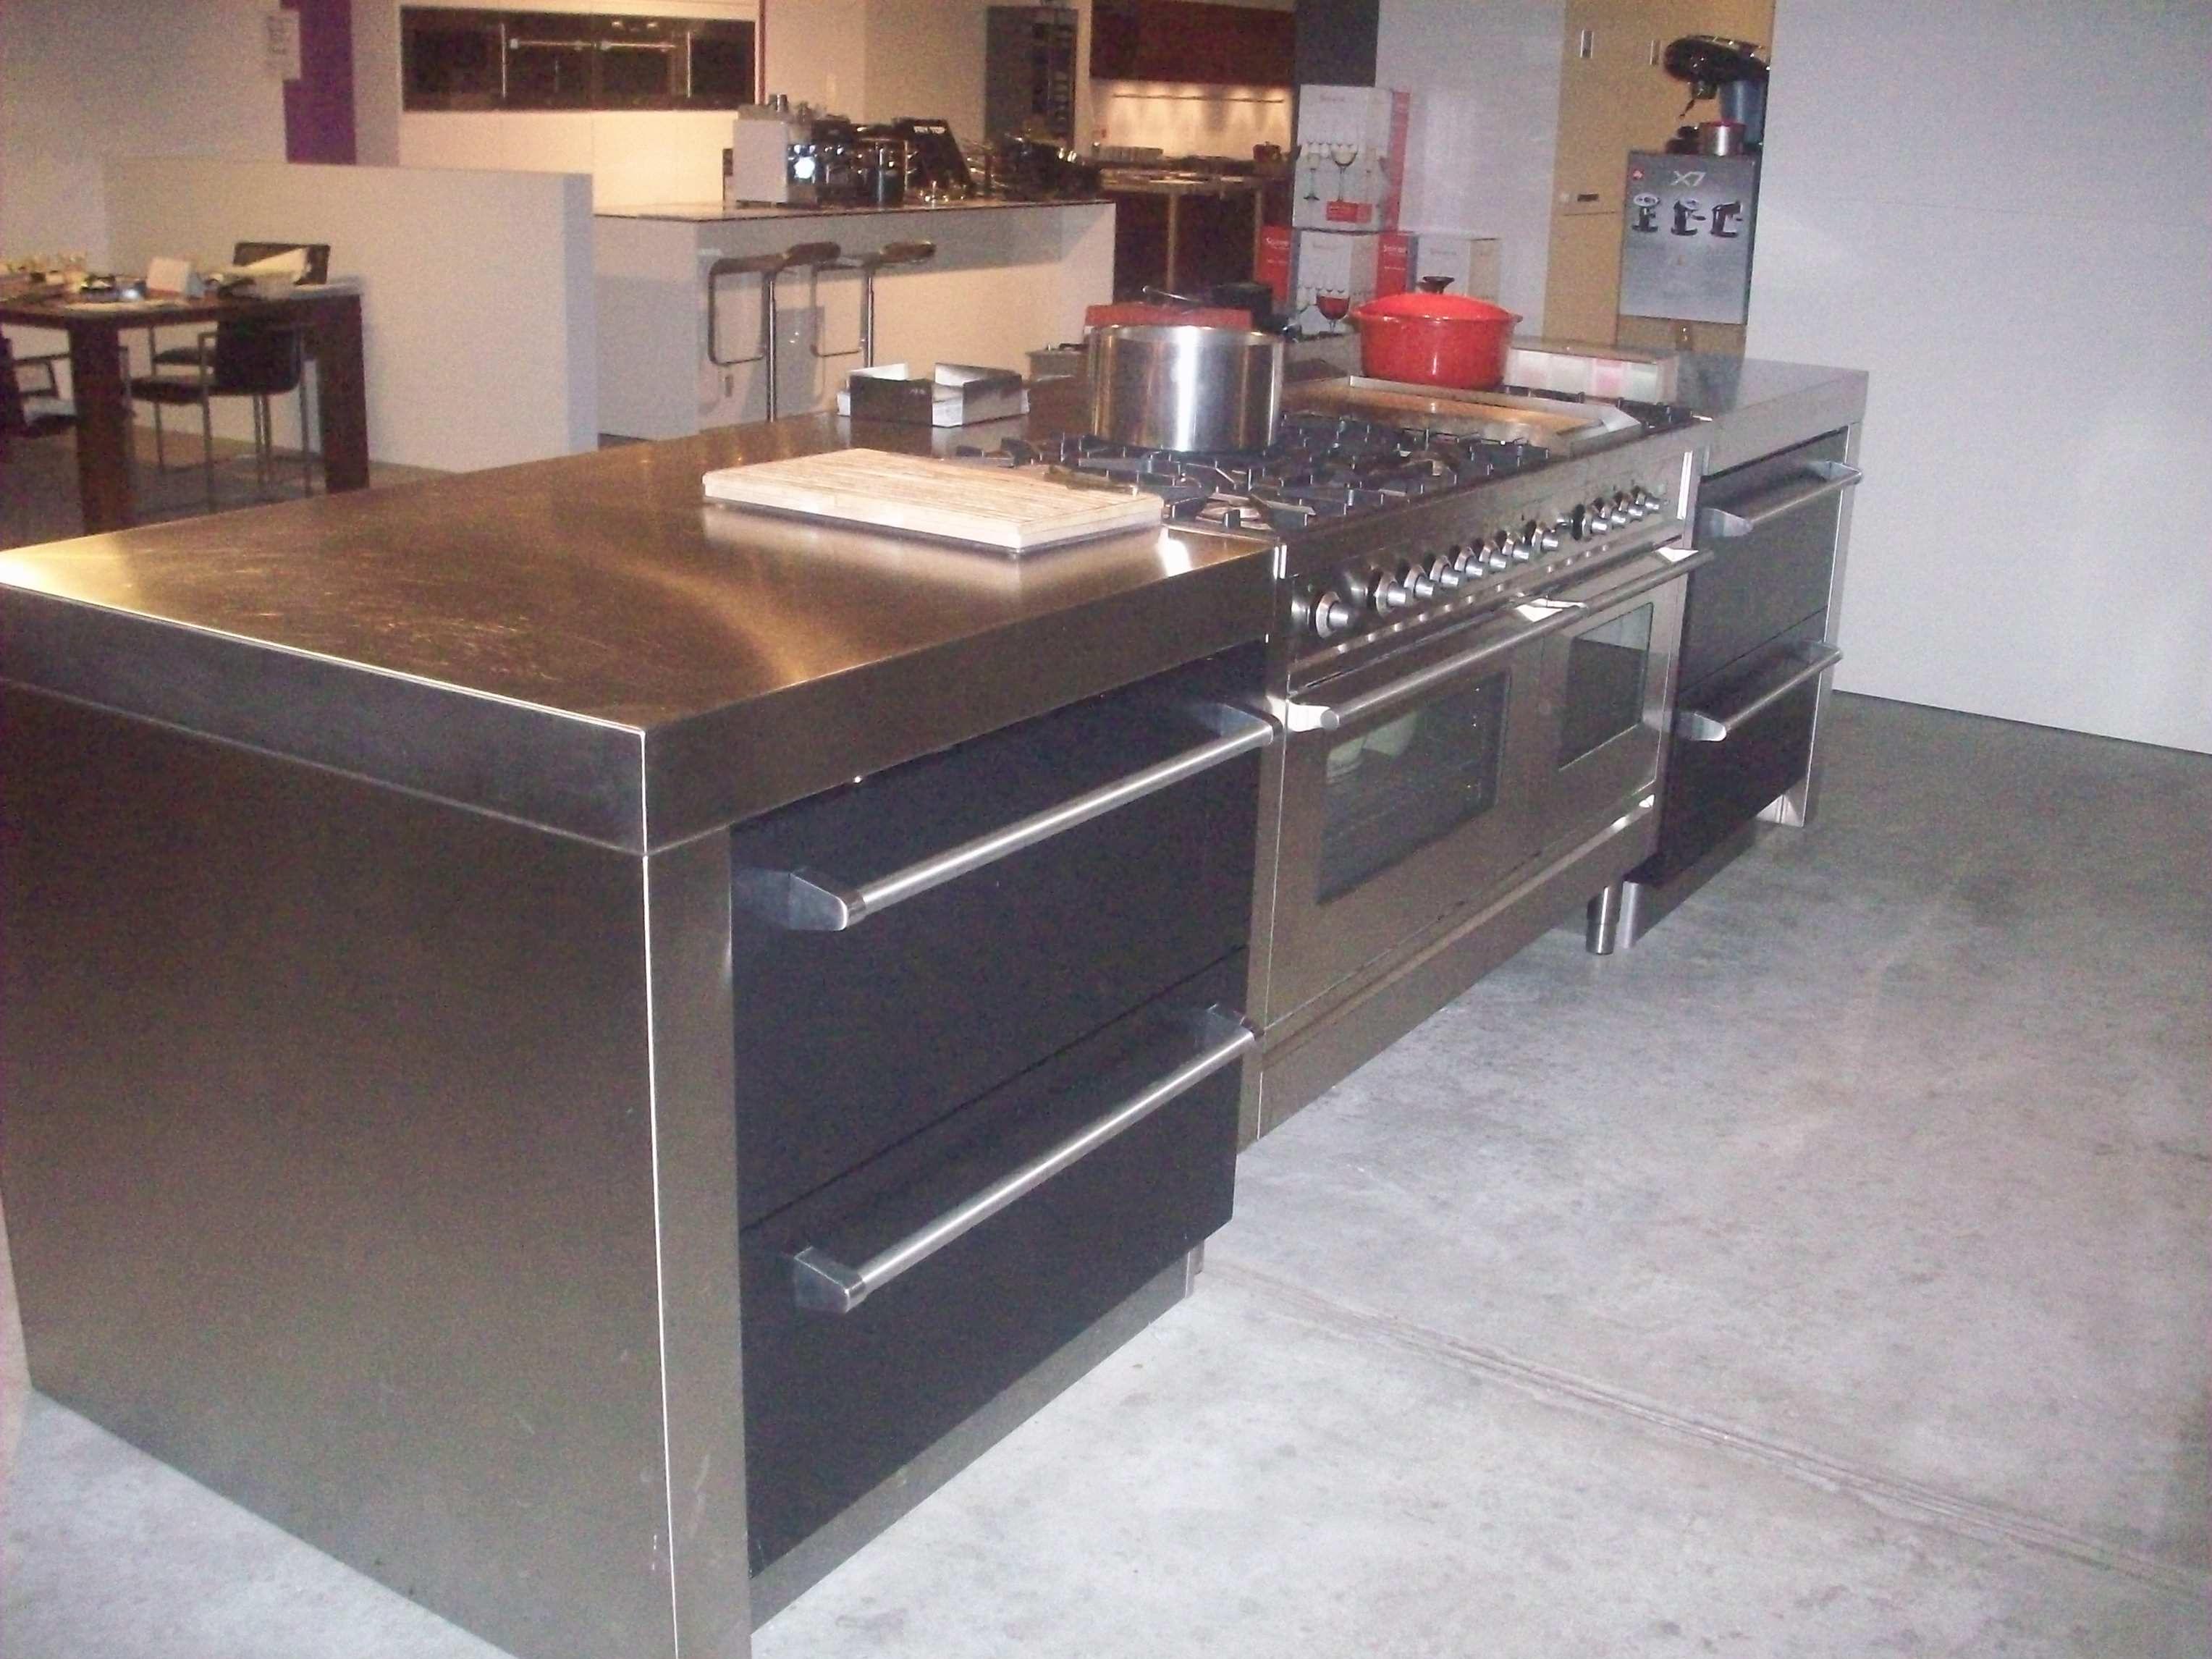 Keukens Vaste Prijzen : Showroomkeukens Alle Showroomkeuken aanbiedingen uit